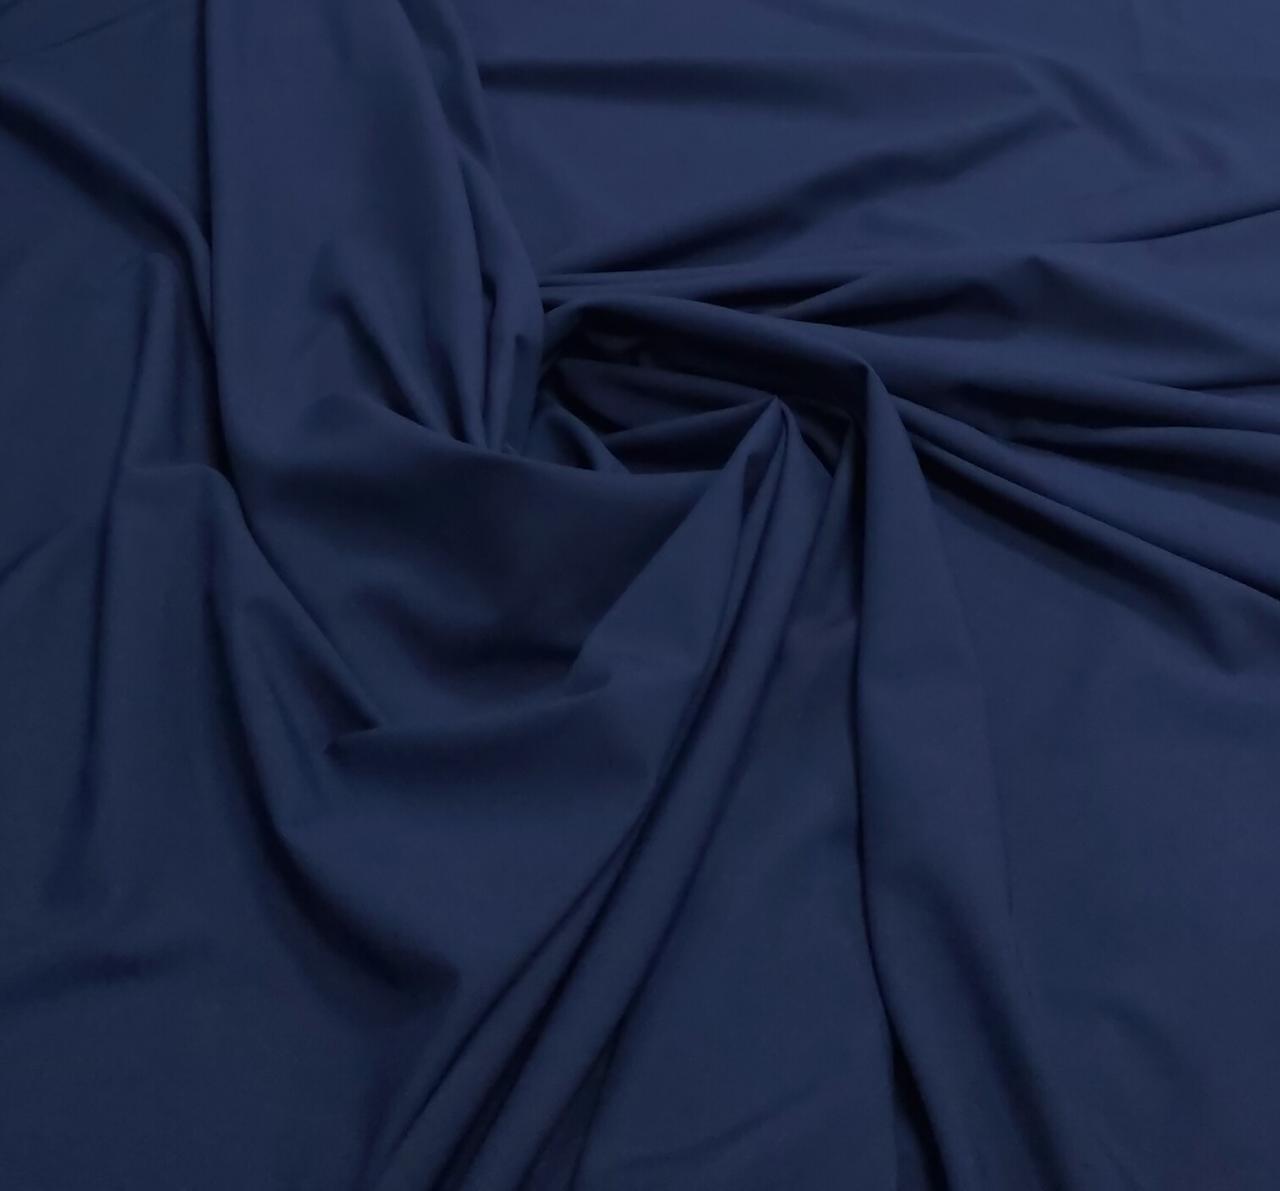 Microfibra Lisa Azul Marinho com Elastano